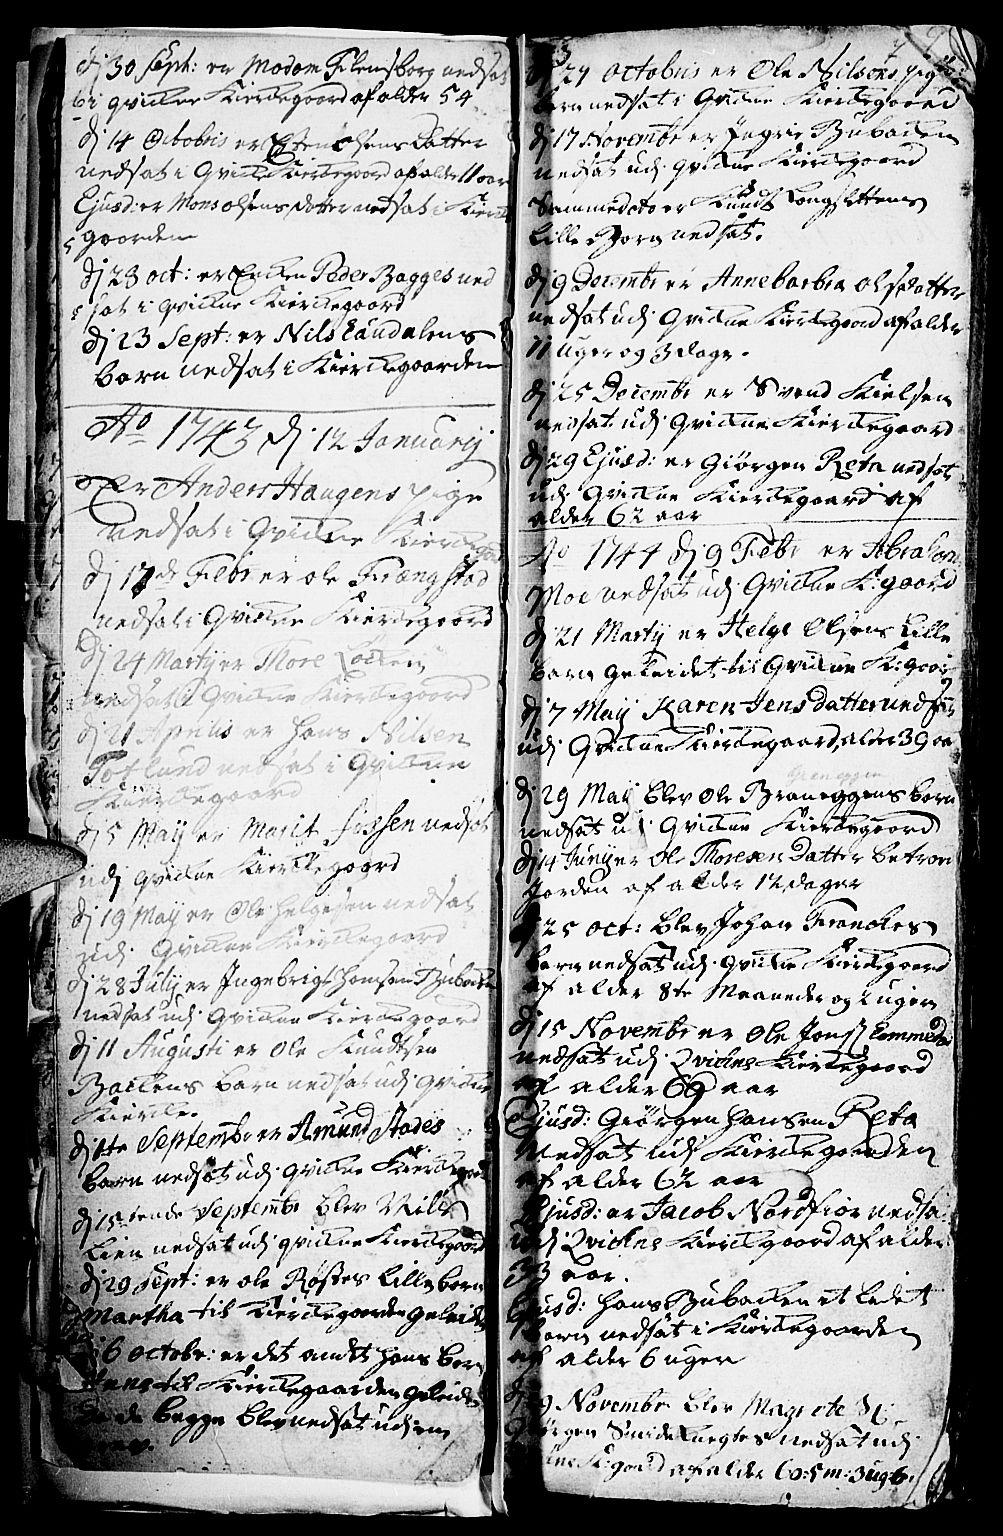 SAH, Kvikne prestekontor, Parish register (official) no. 1, 1740-1756, p. 6-7